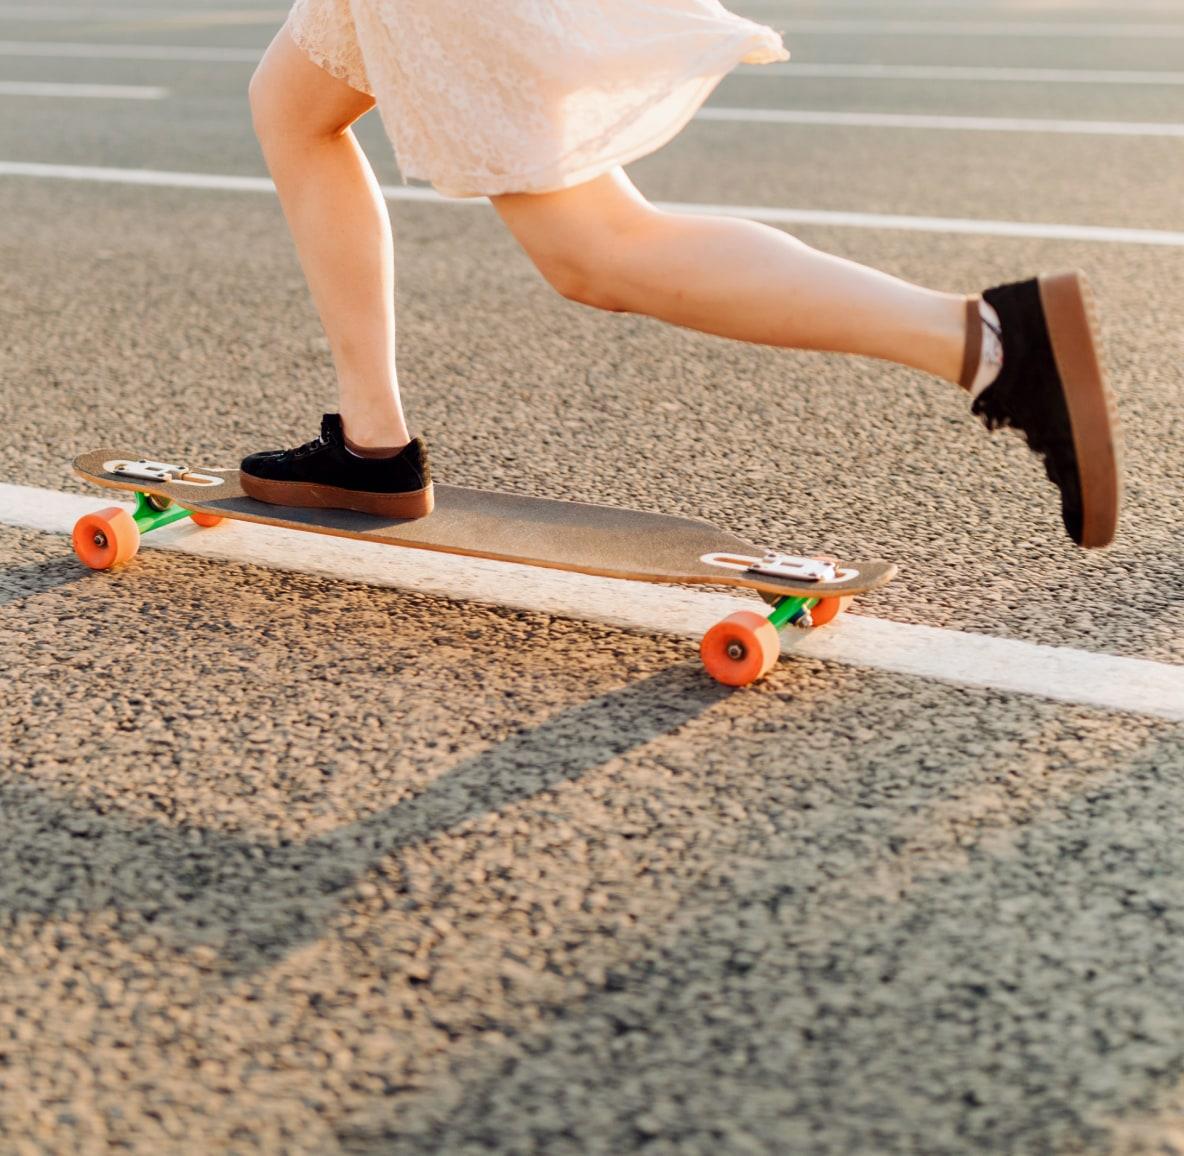 Woman wearing a skirt riding a skateboard